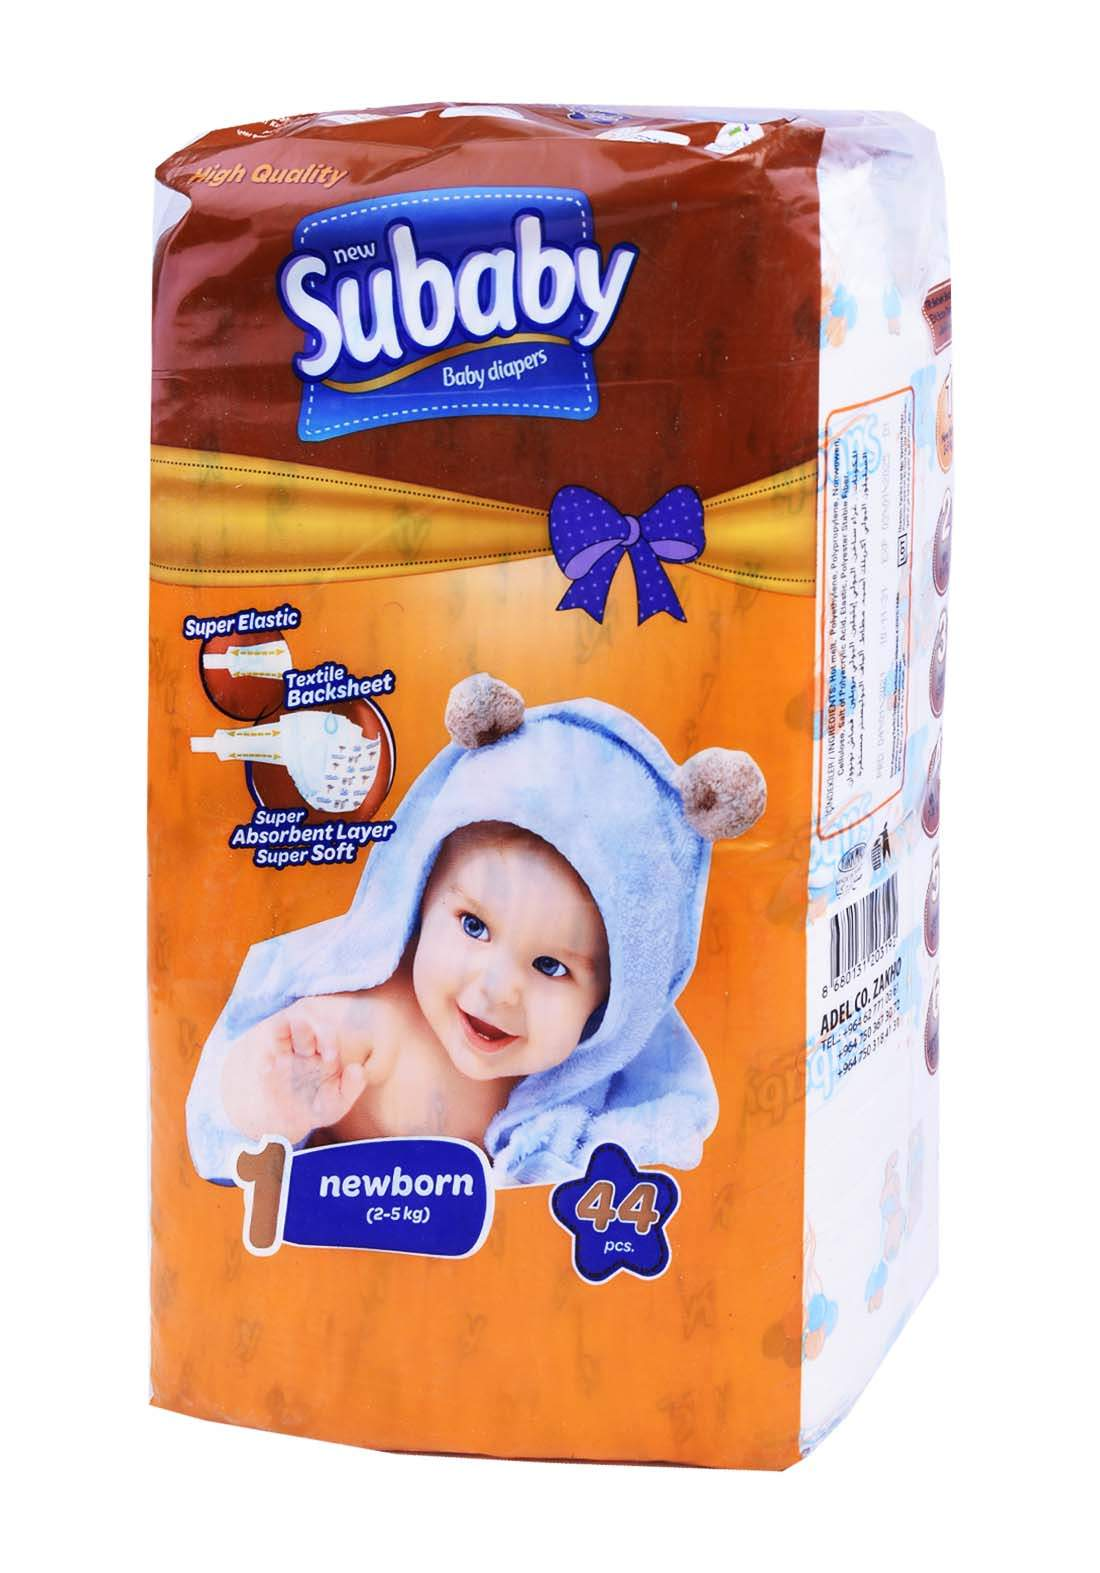 Subaaby 2-5 kg 44 Pcs حفاضات سو بيبي للاطفال رقم 1 عادي